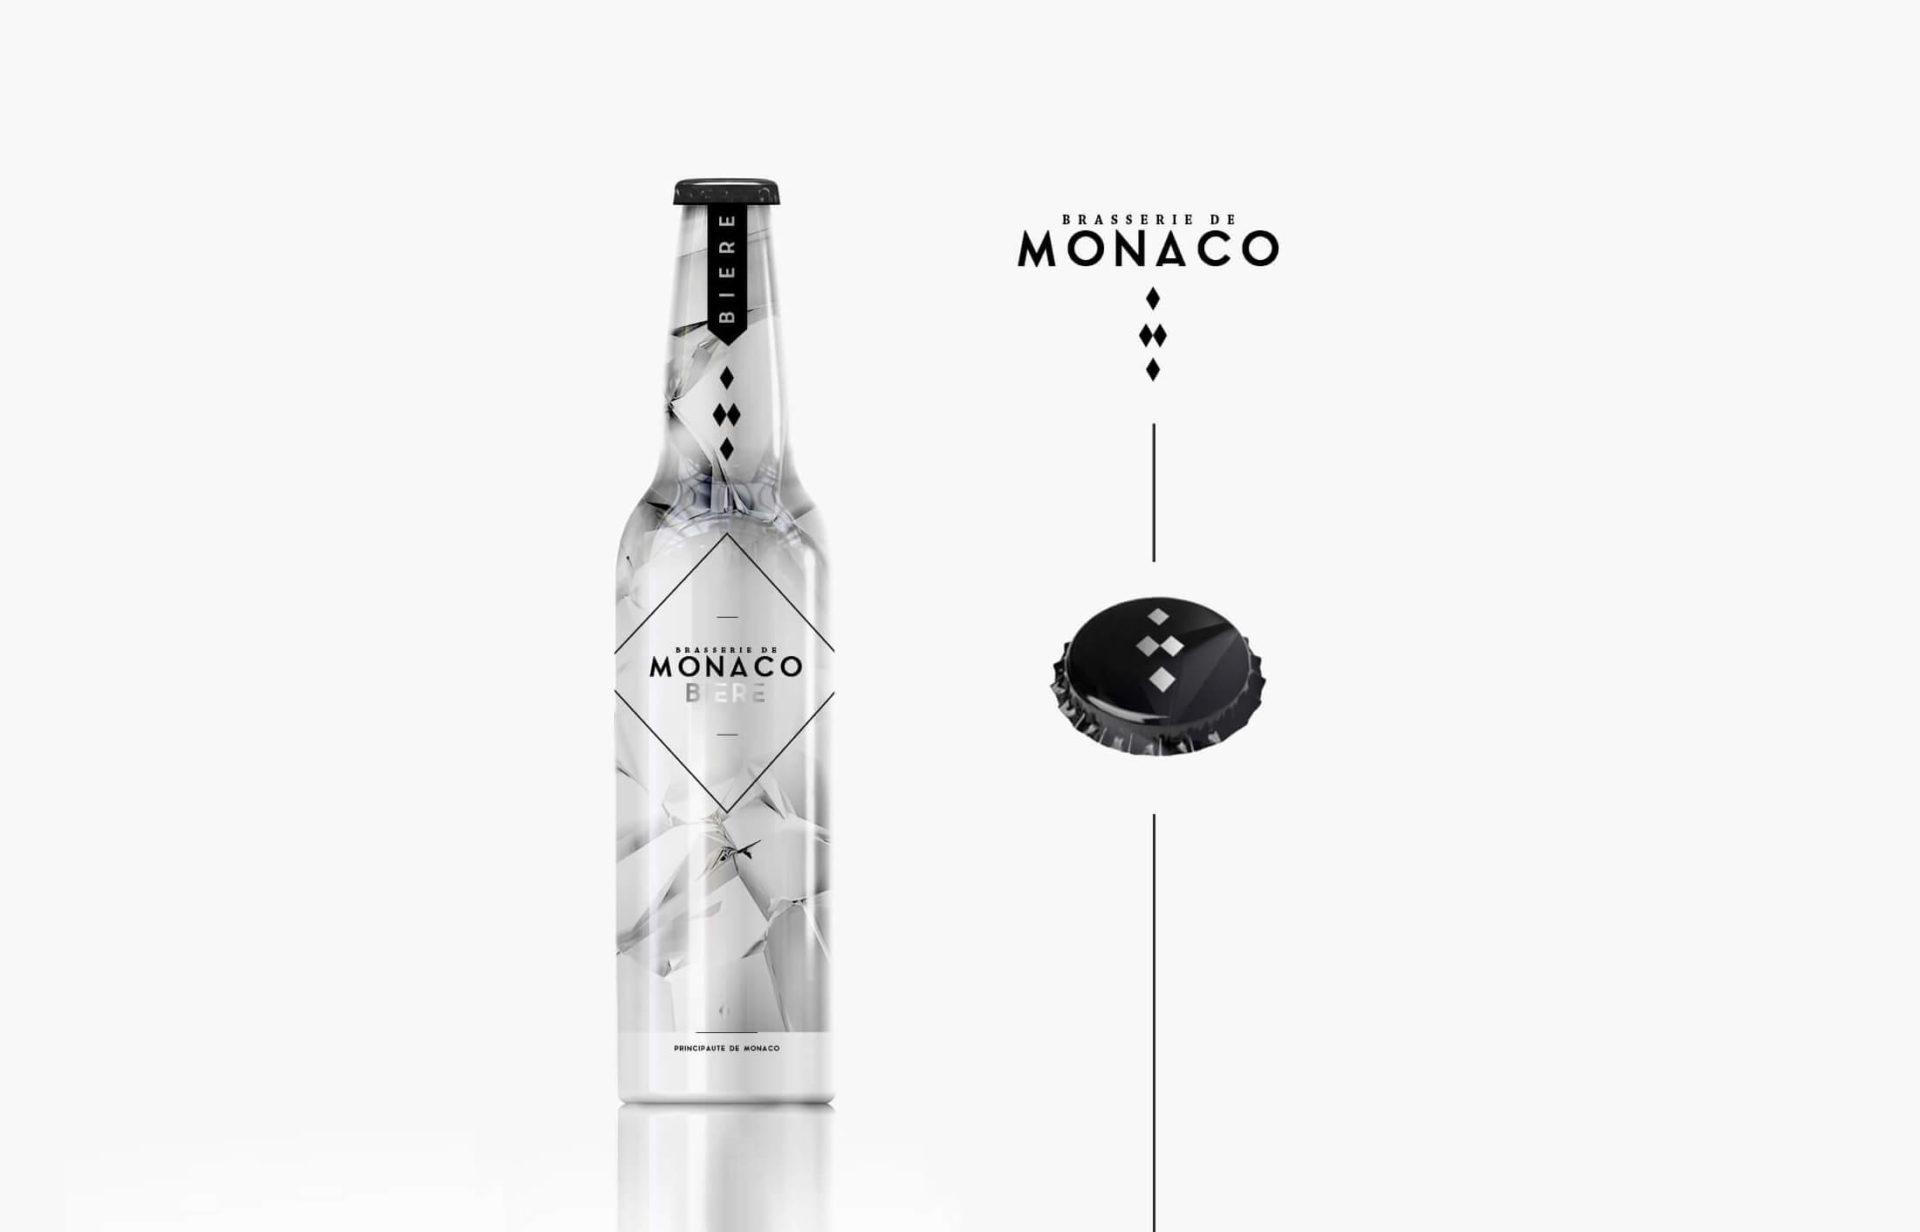 Bière de Monaco